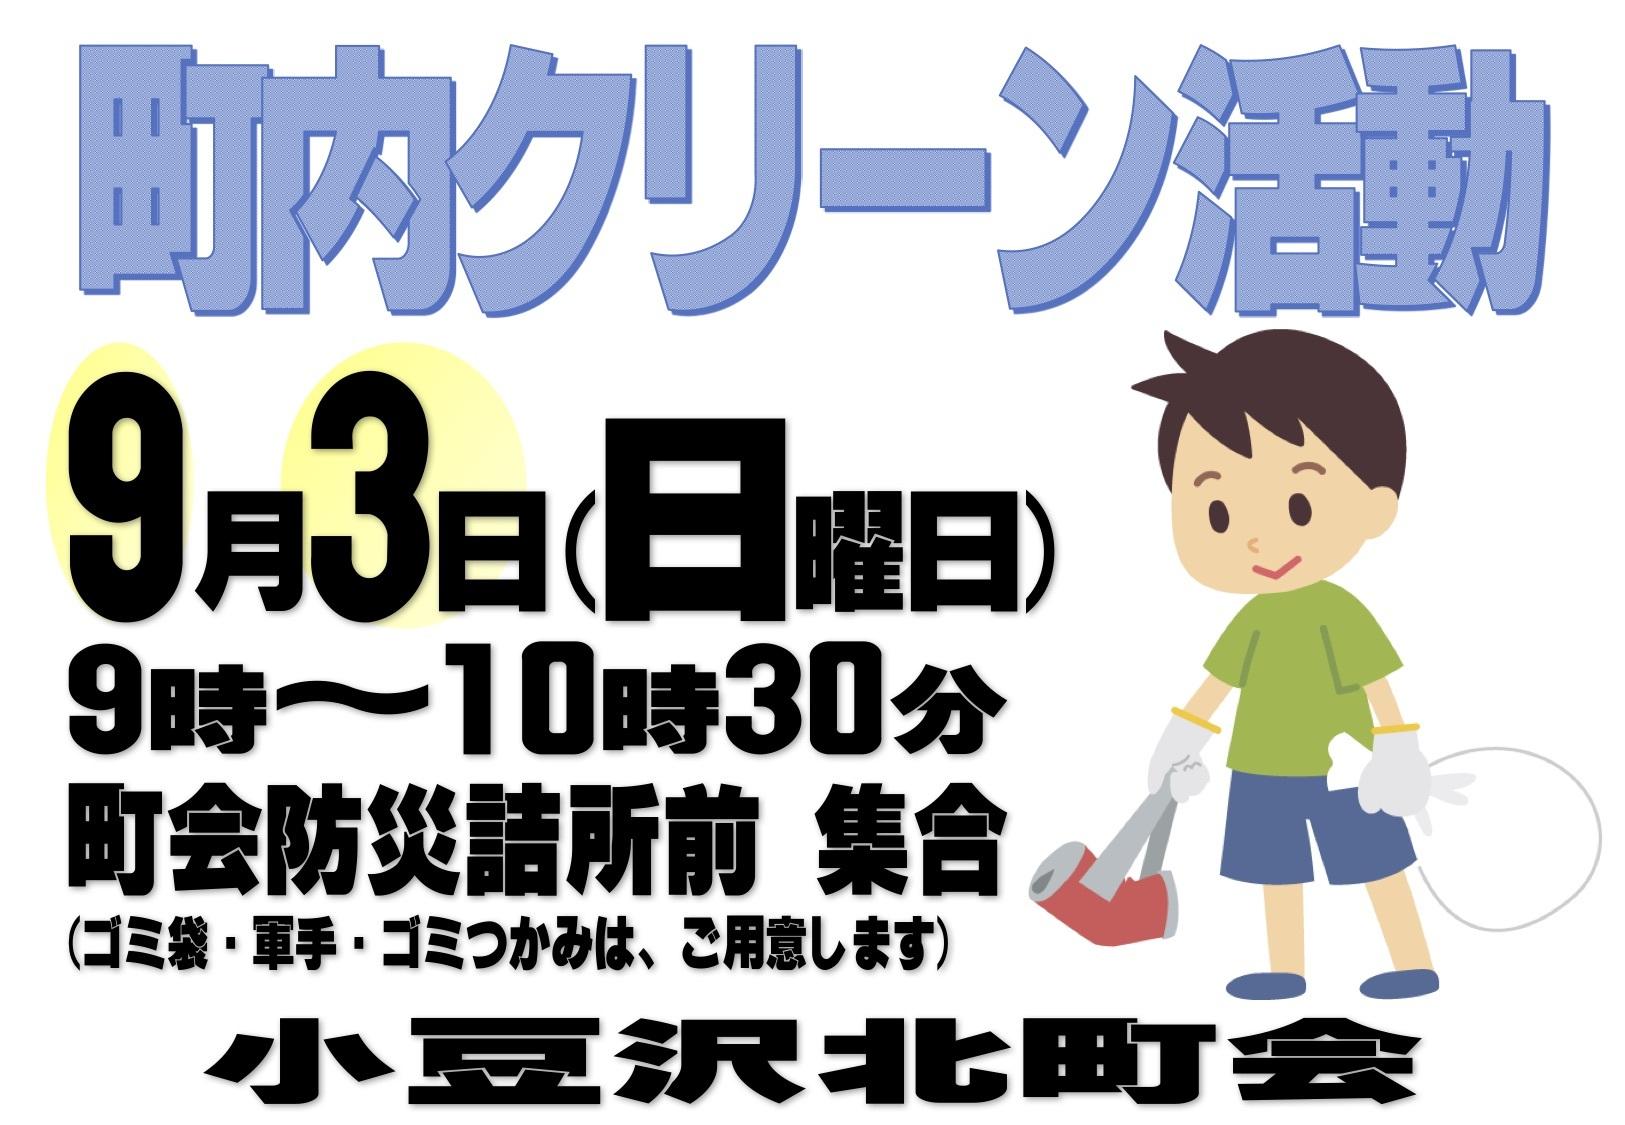 2017年9月3日(日)町会クリーン活動